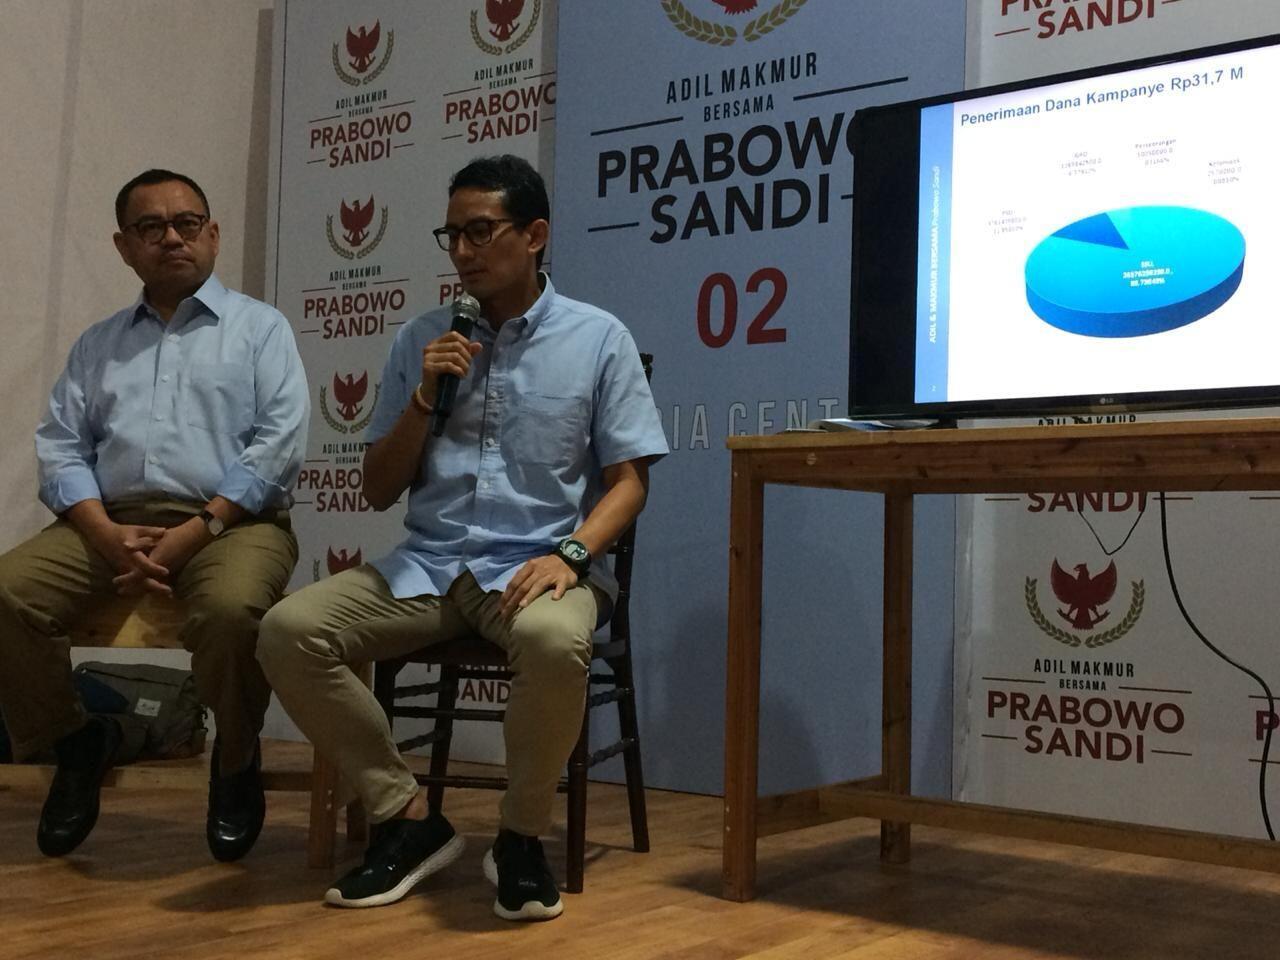 Prabowo Janji Tak Impor Kebutuhan Pangan, Sandi: Kita Harus Realistis